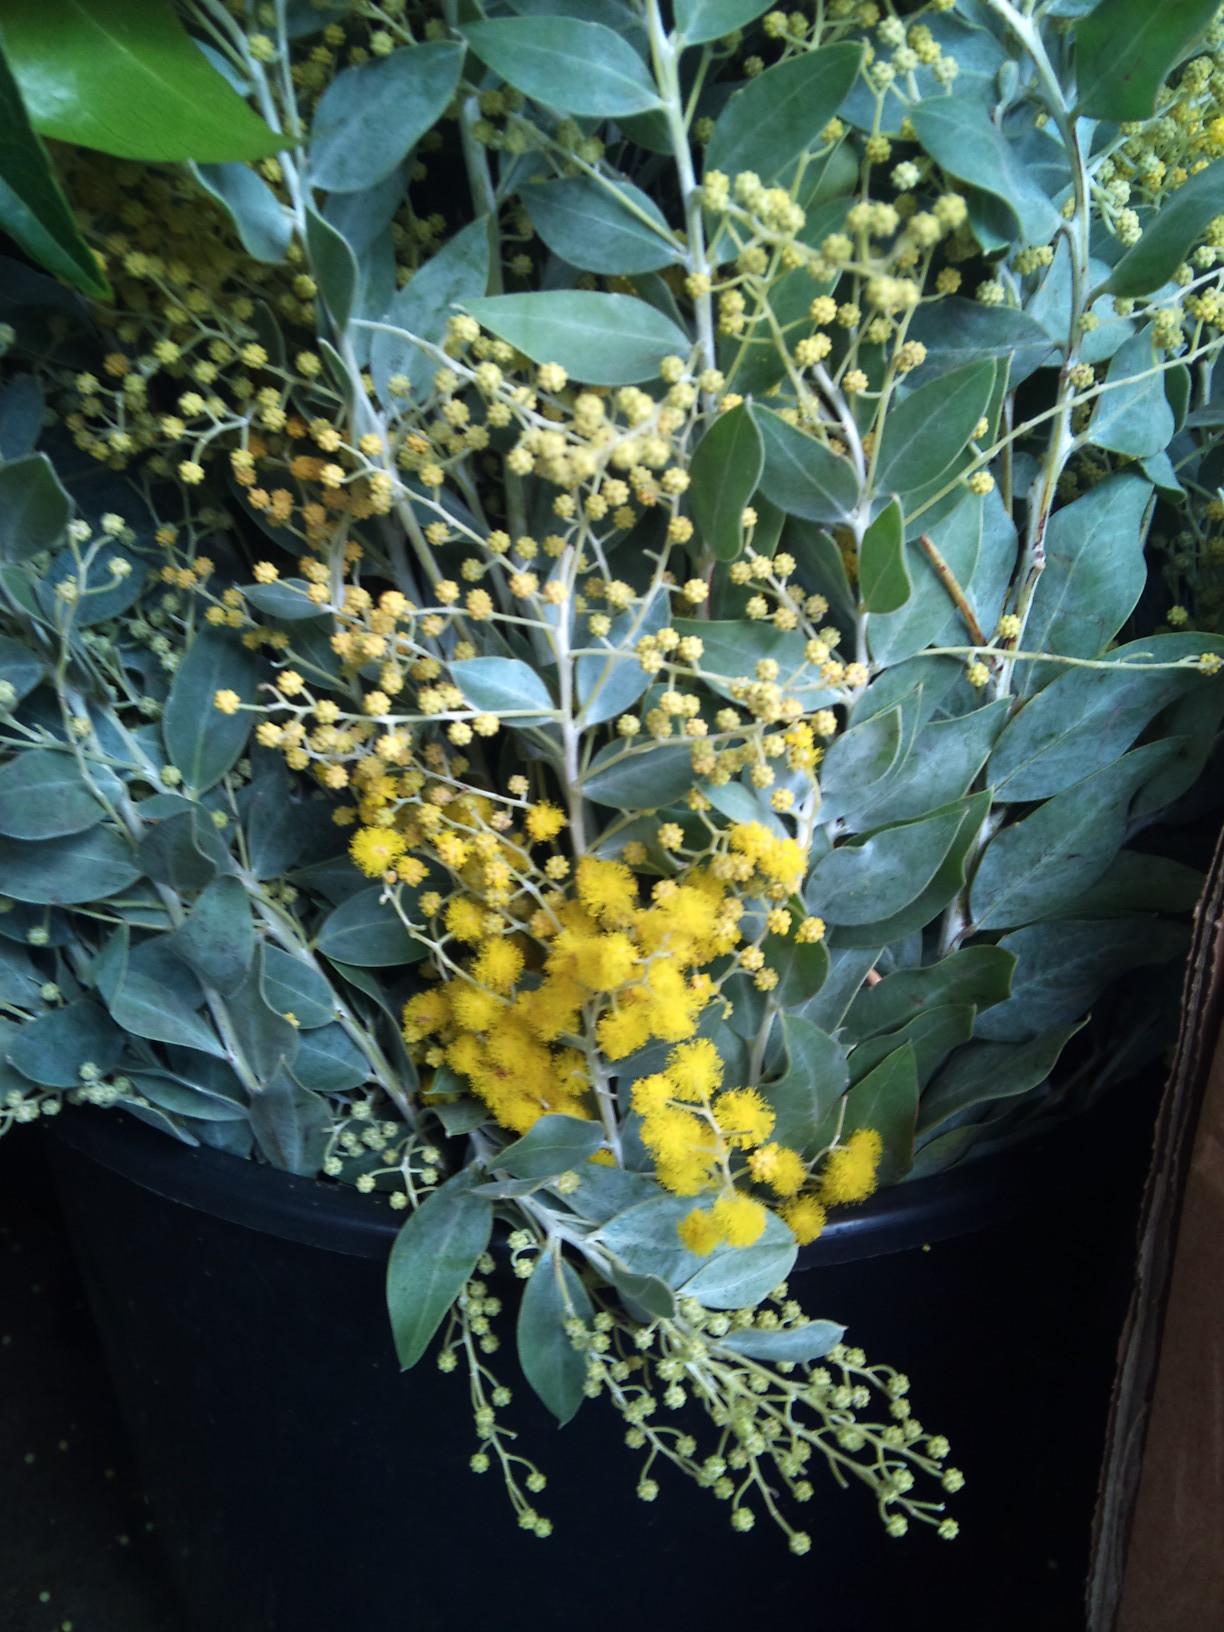 2012-12-mimosa.jpg?mtime=20171003154120#asset:12654